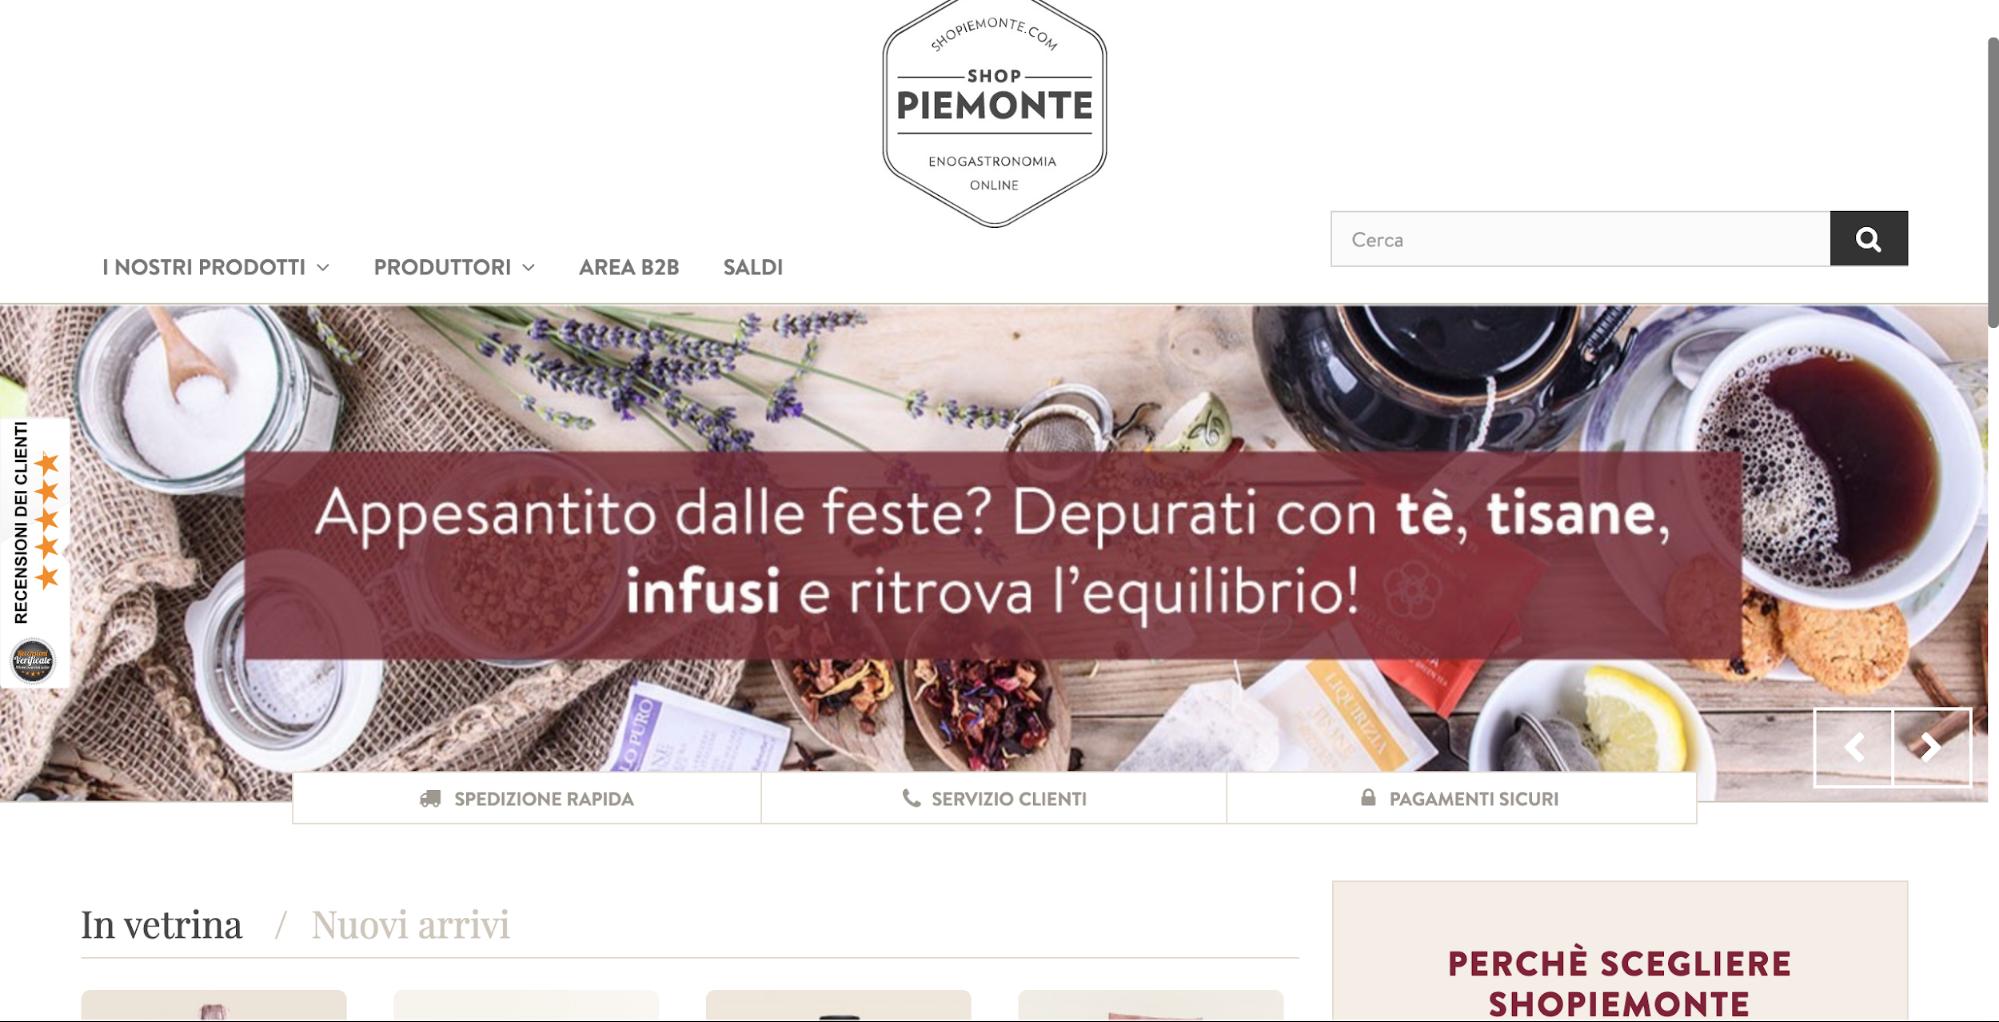 Shop Piemonte